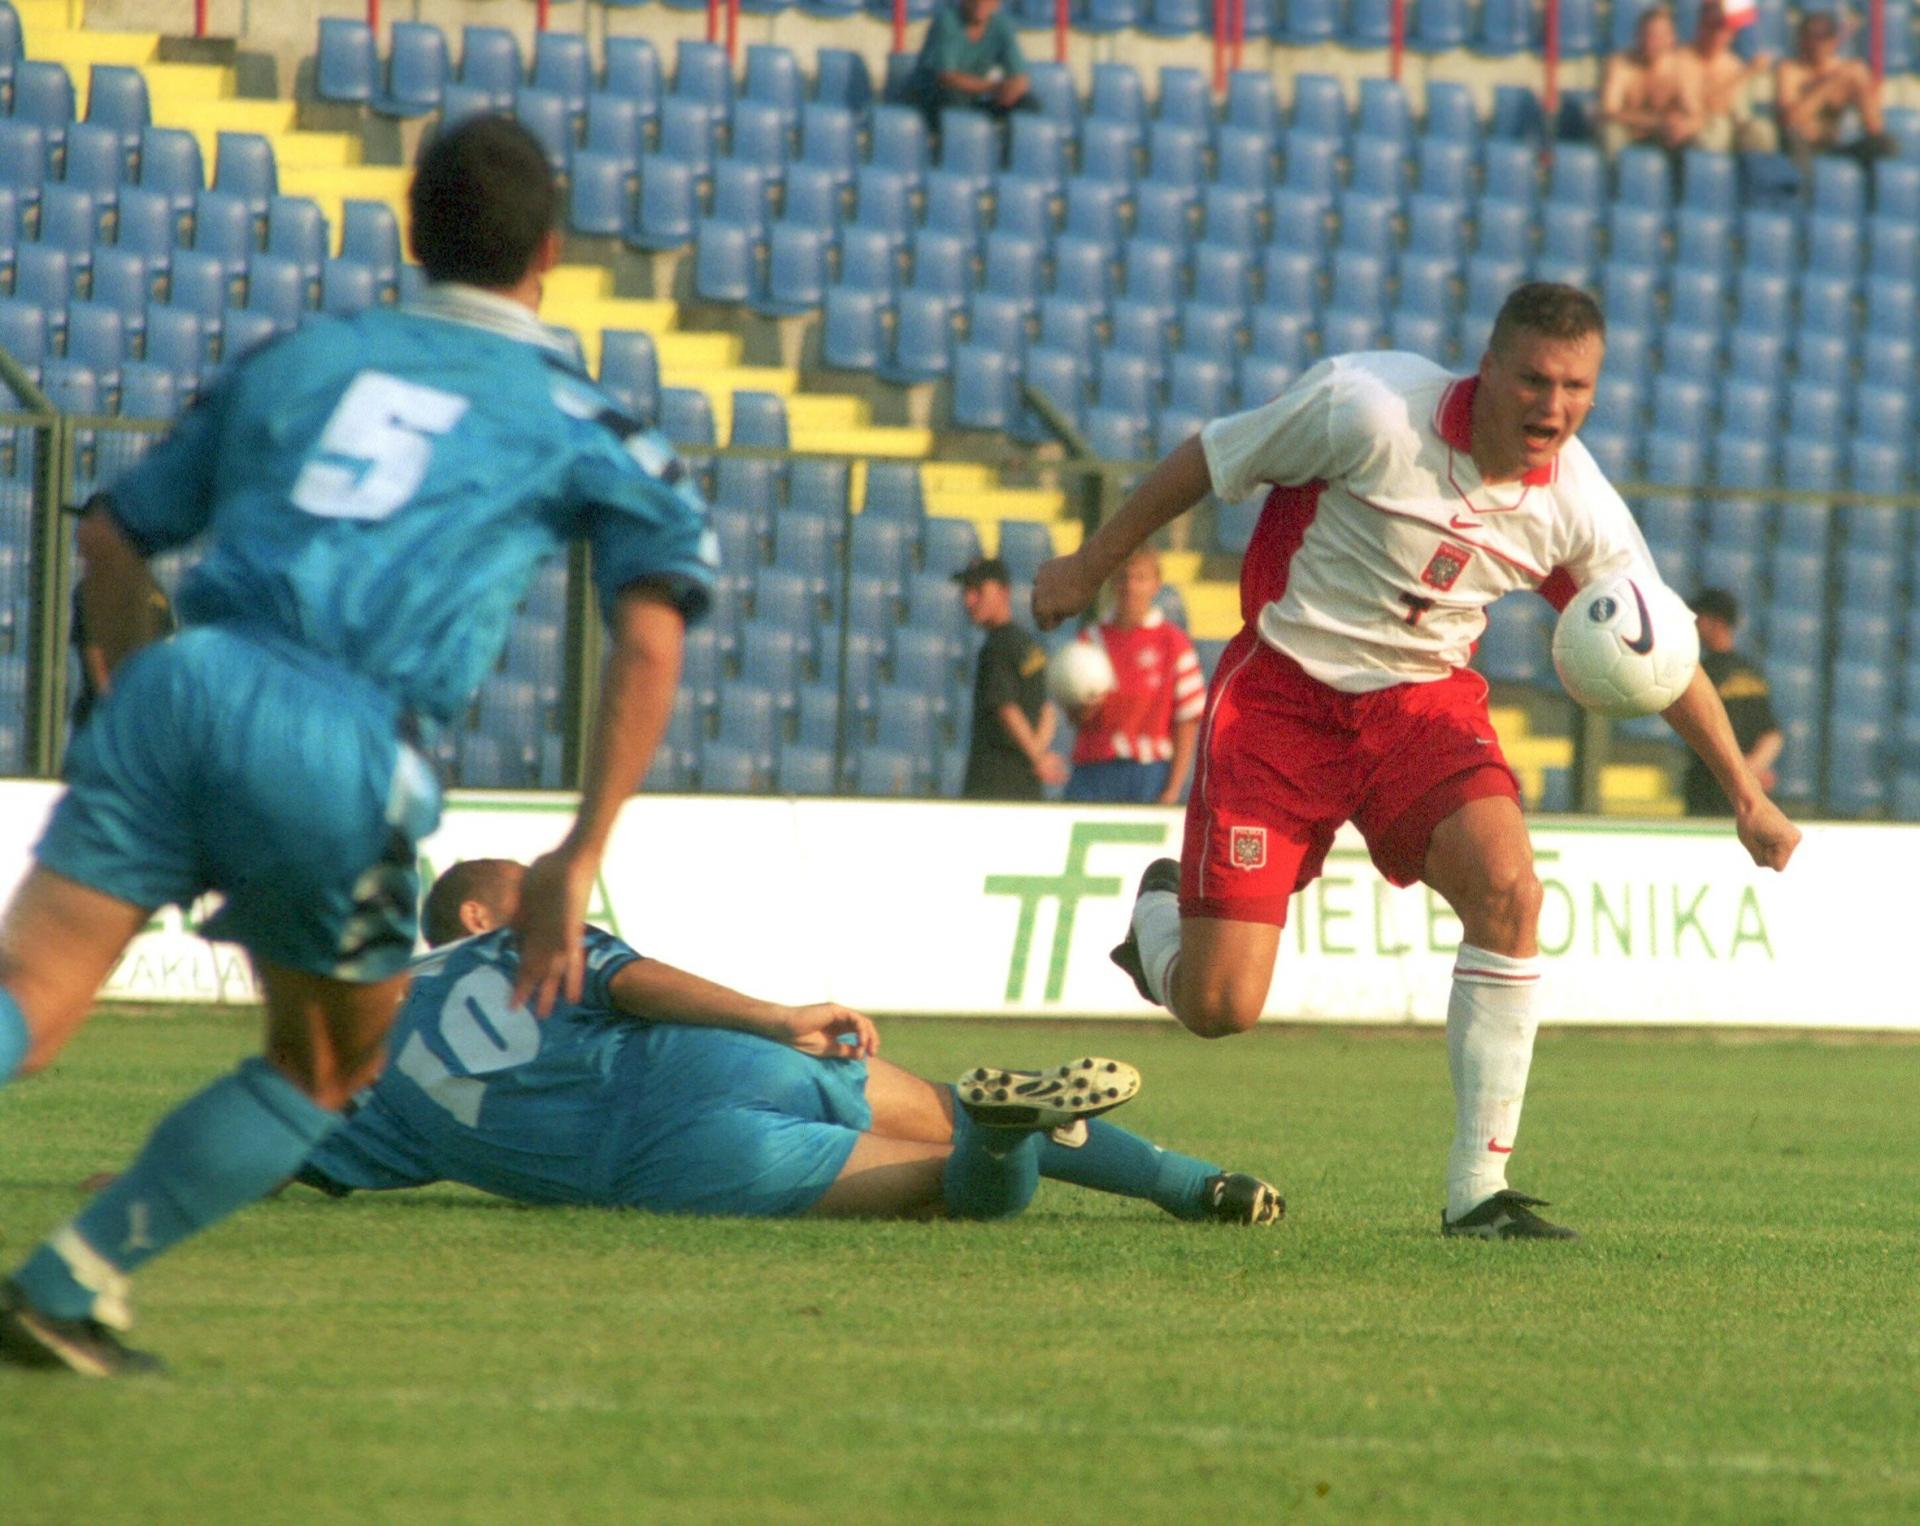 Krzysztof Ratajczyk